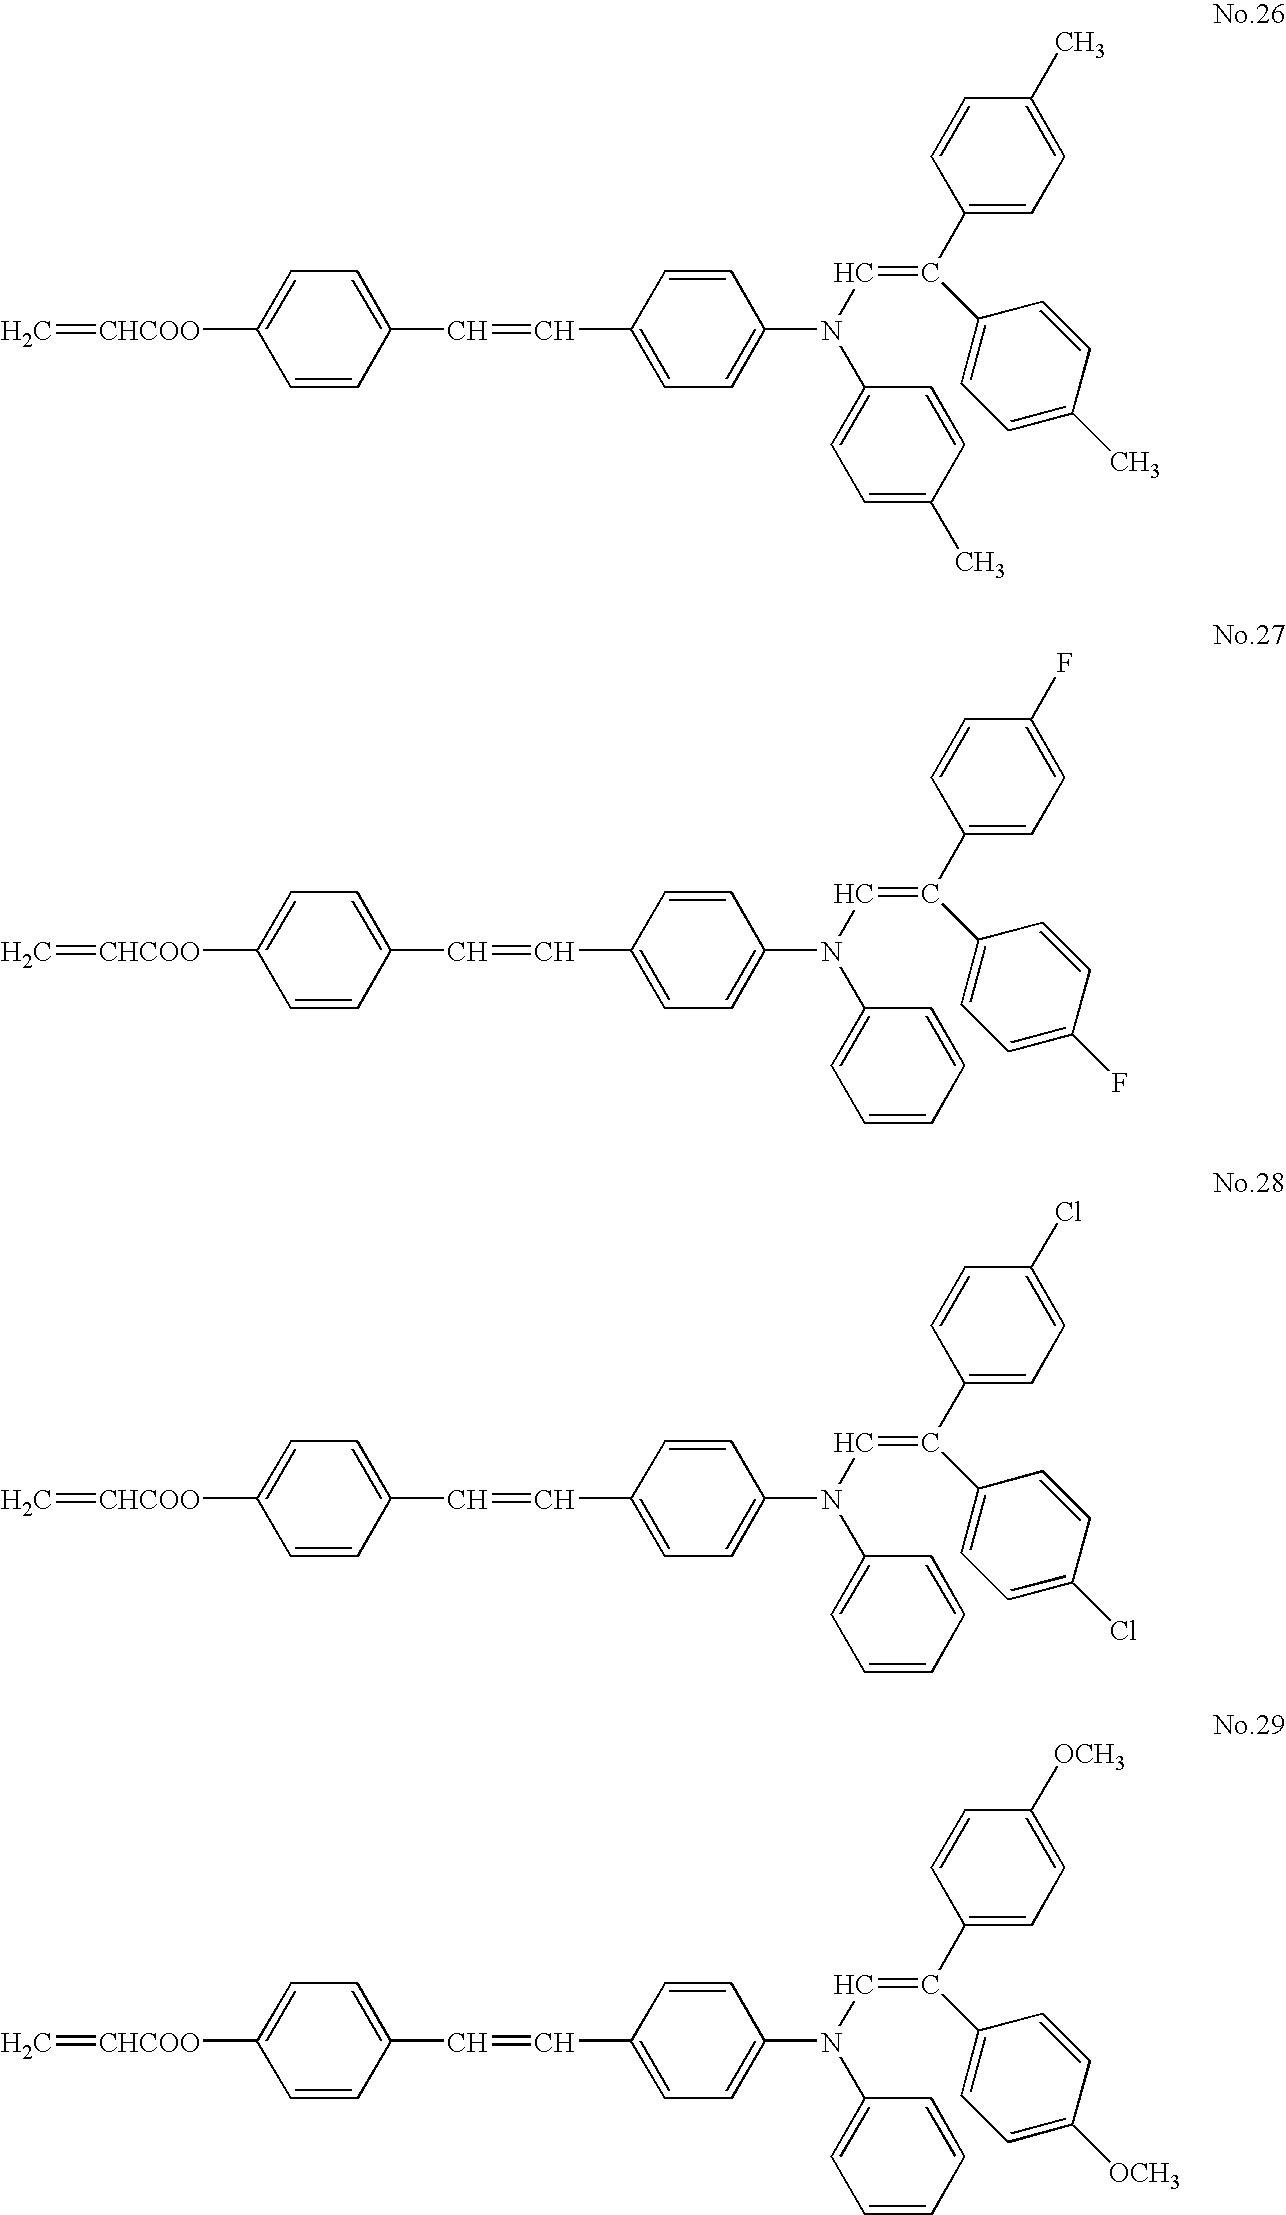 Figure US20060078809A1-20060413-C00011